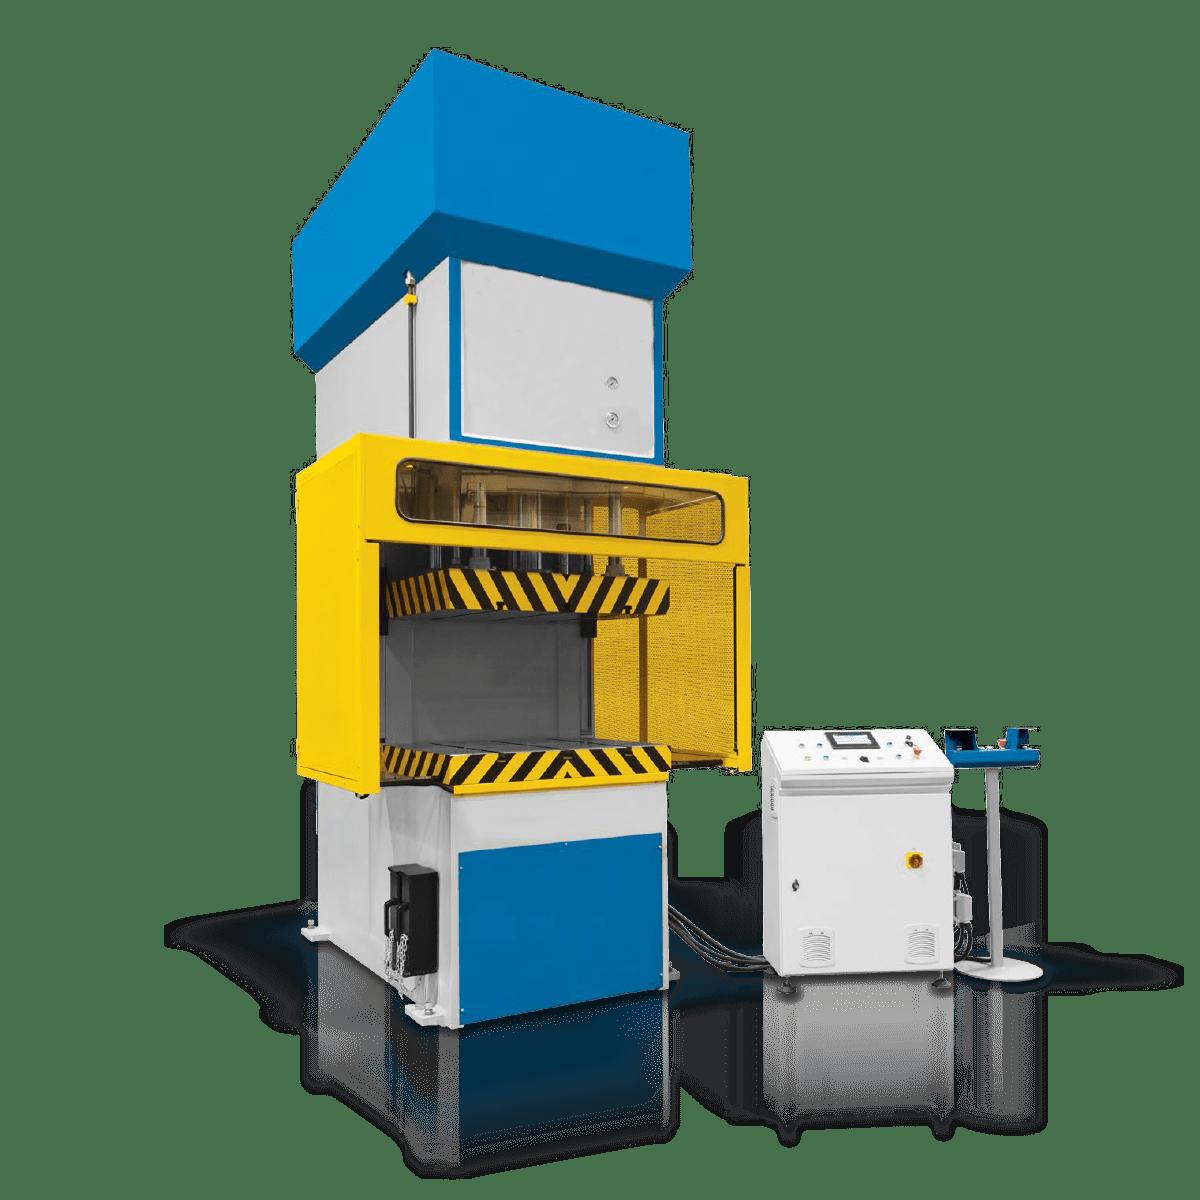 Hymec C Type Hydraulic Press